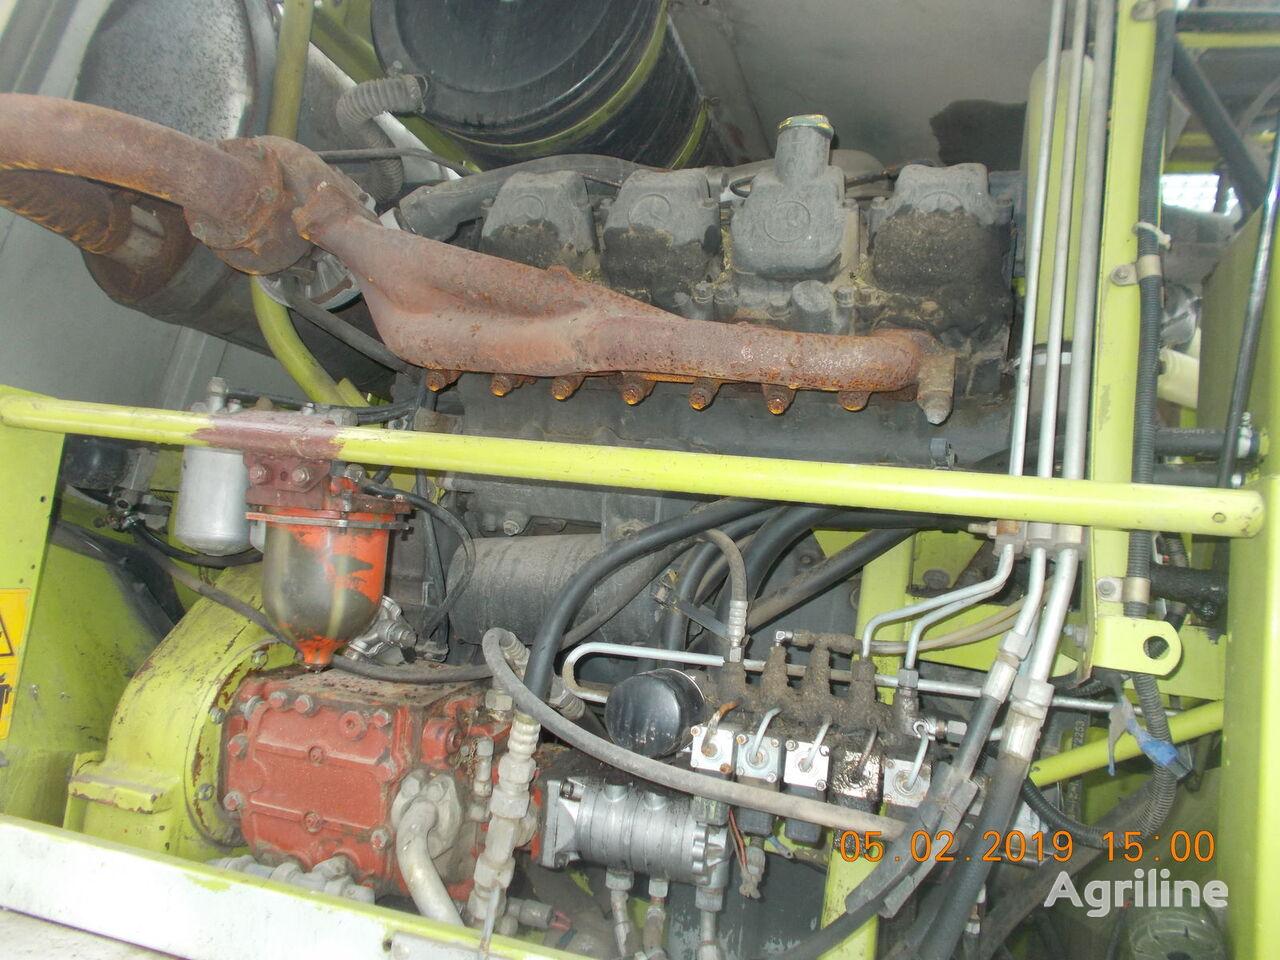 двигатель MERCEDES-BENZ OM 442 LA для зерноуборочного комбайна CLAAS Jaguar 860